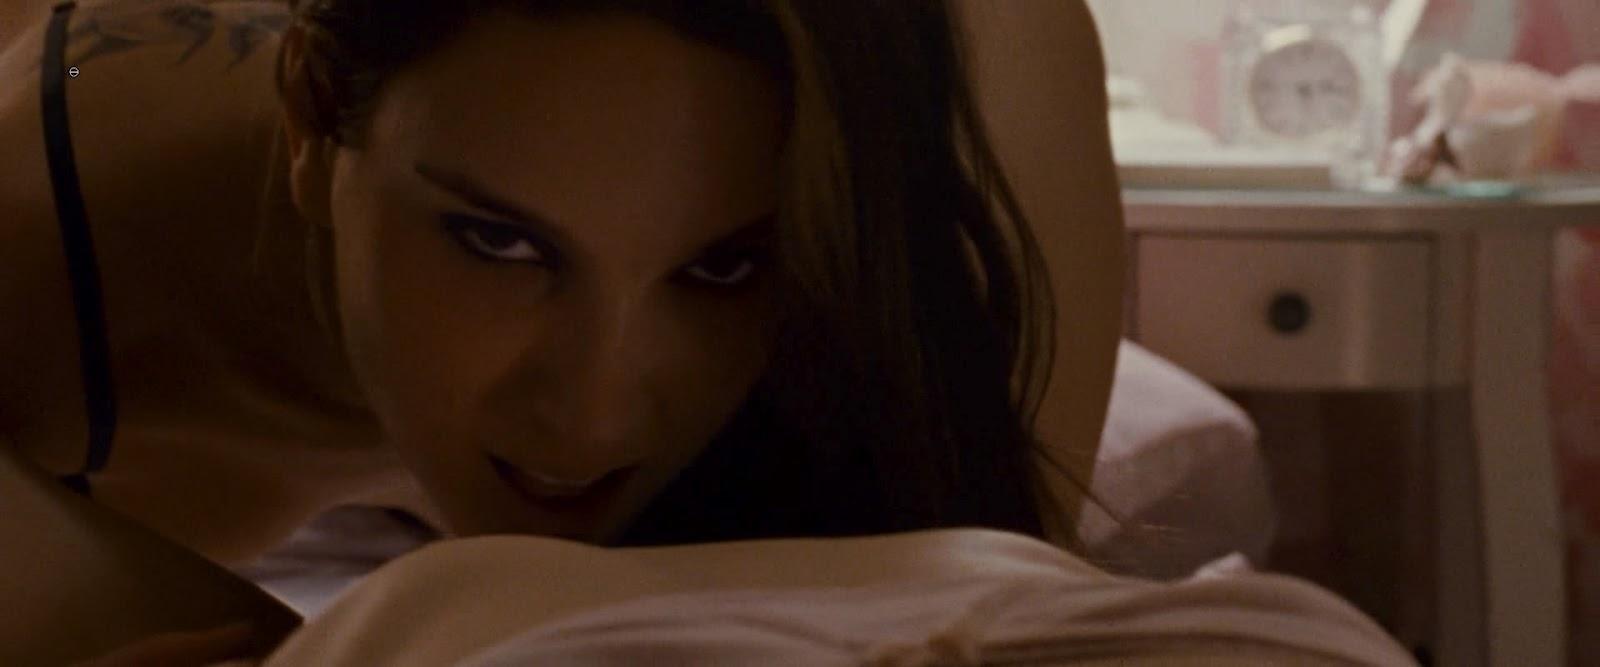 секс куни онлайн в кинотеатре